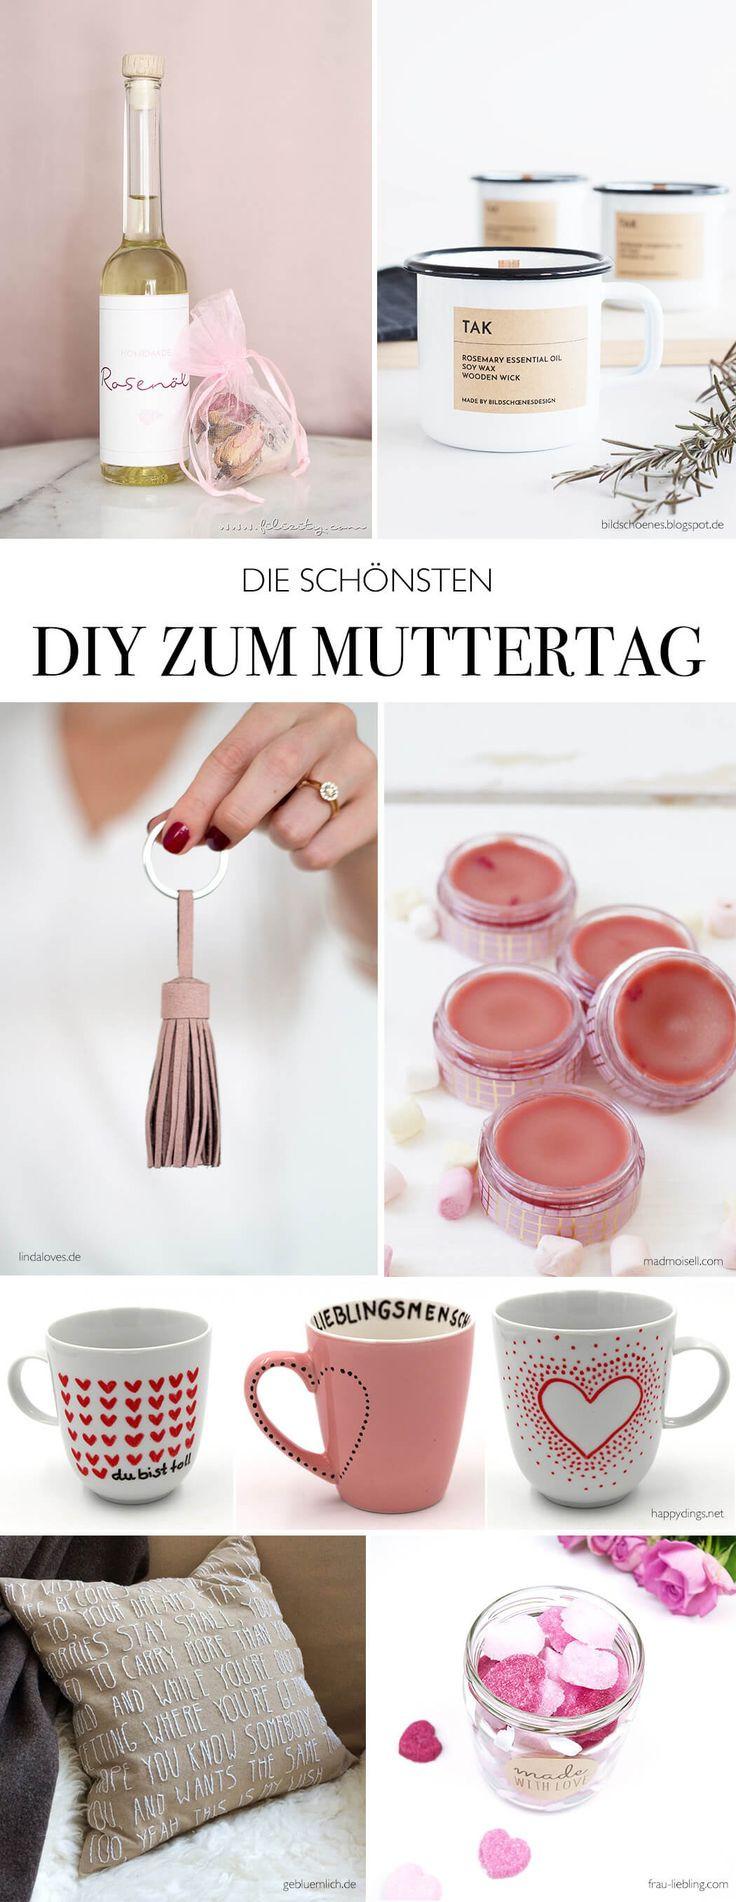 Geschenke Für Mama Basteln  Die 25 besten Ideen zu Muttertagsideen auf Pinterest